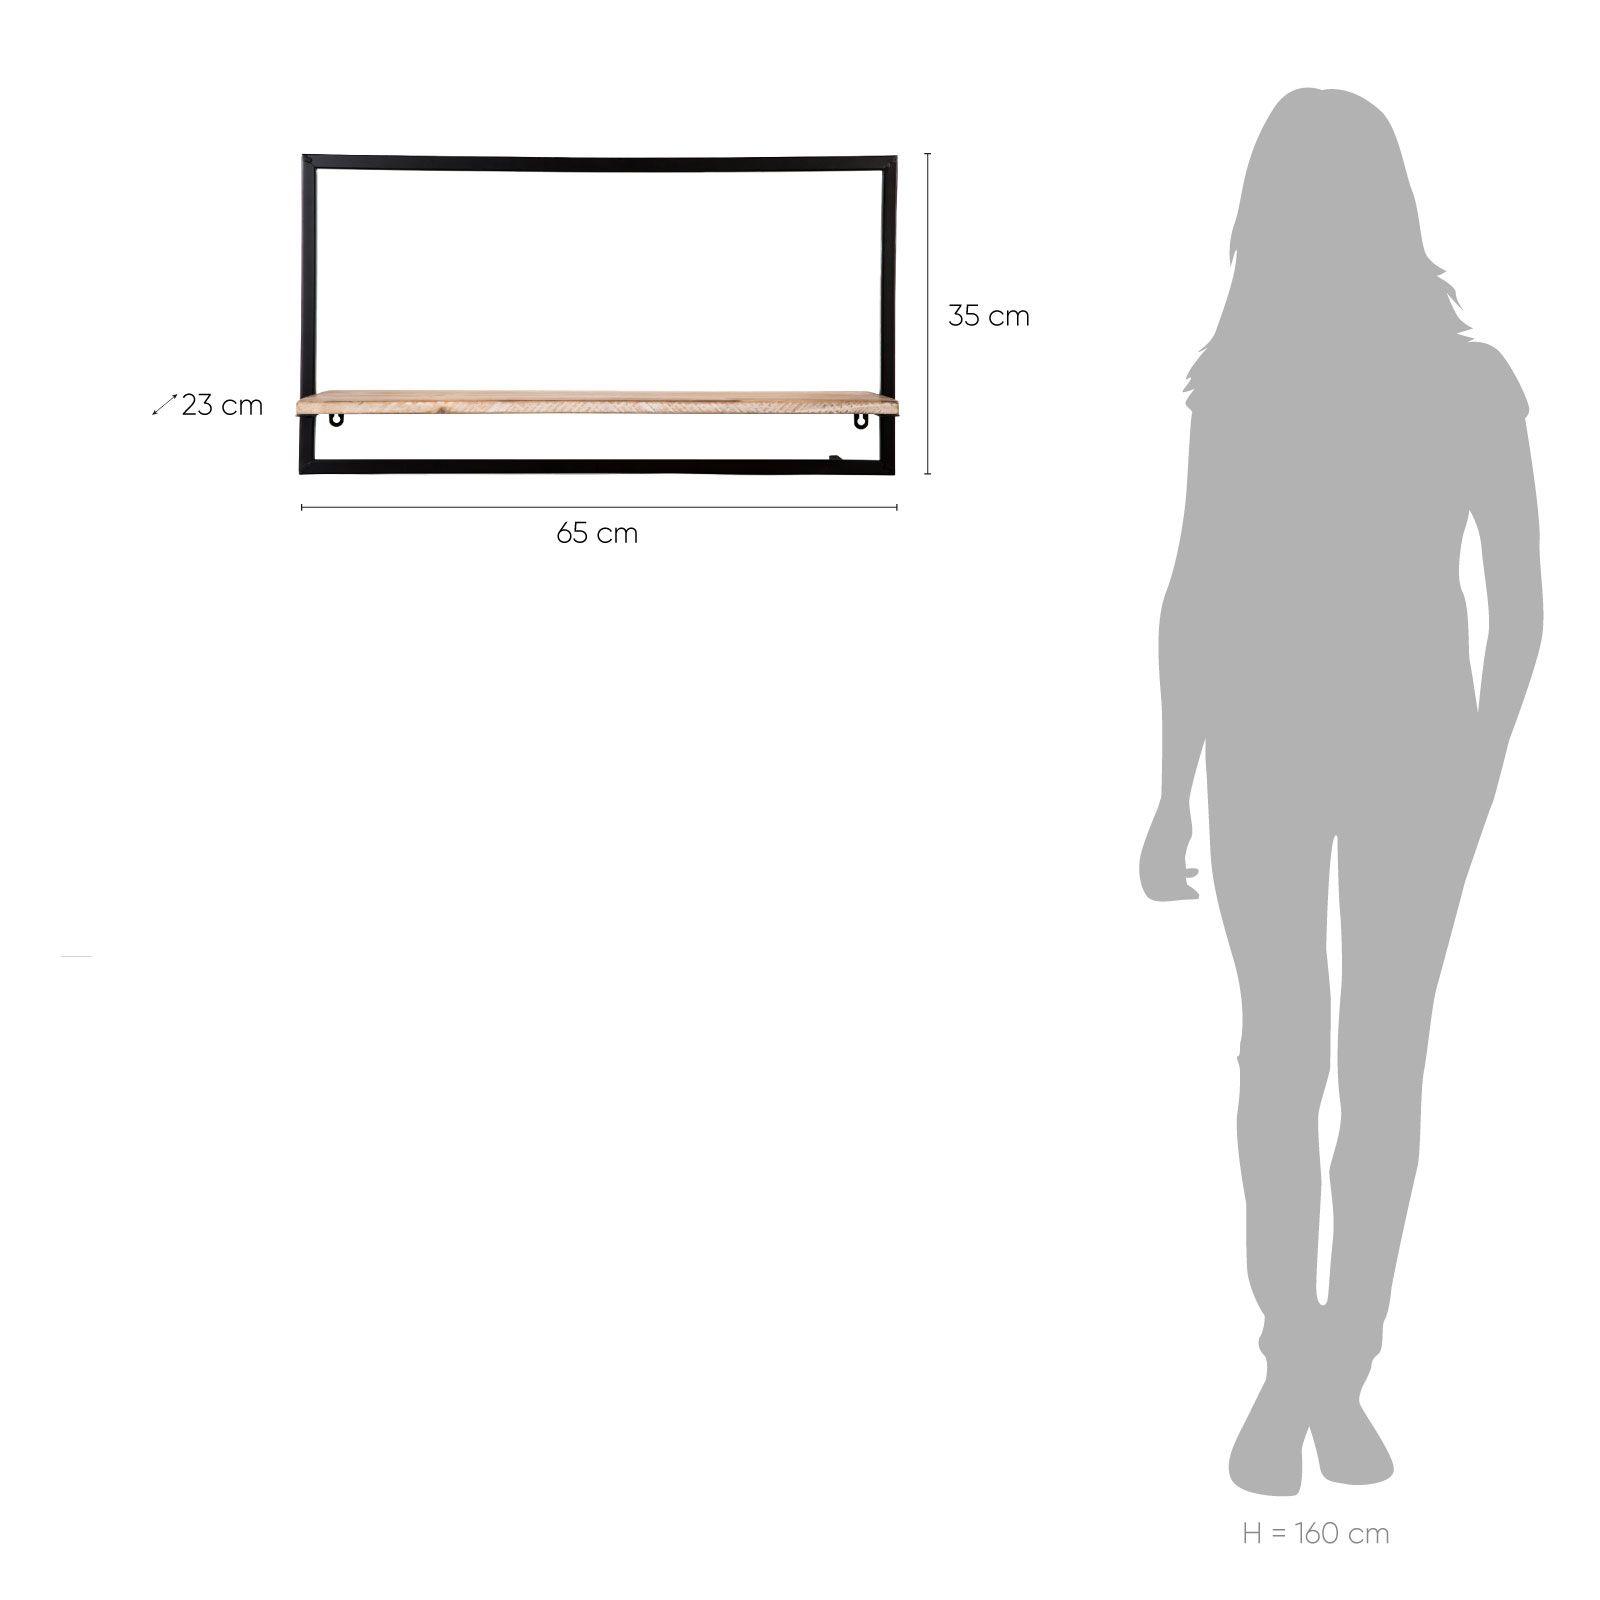 Serie LICK   Estantería de pared horizontal G (65 x 23 x 35)